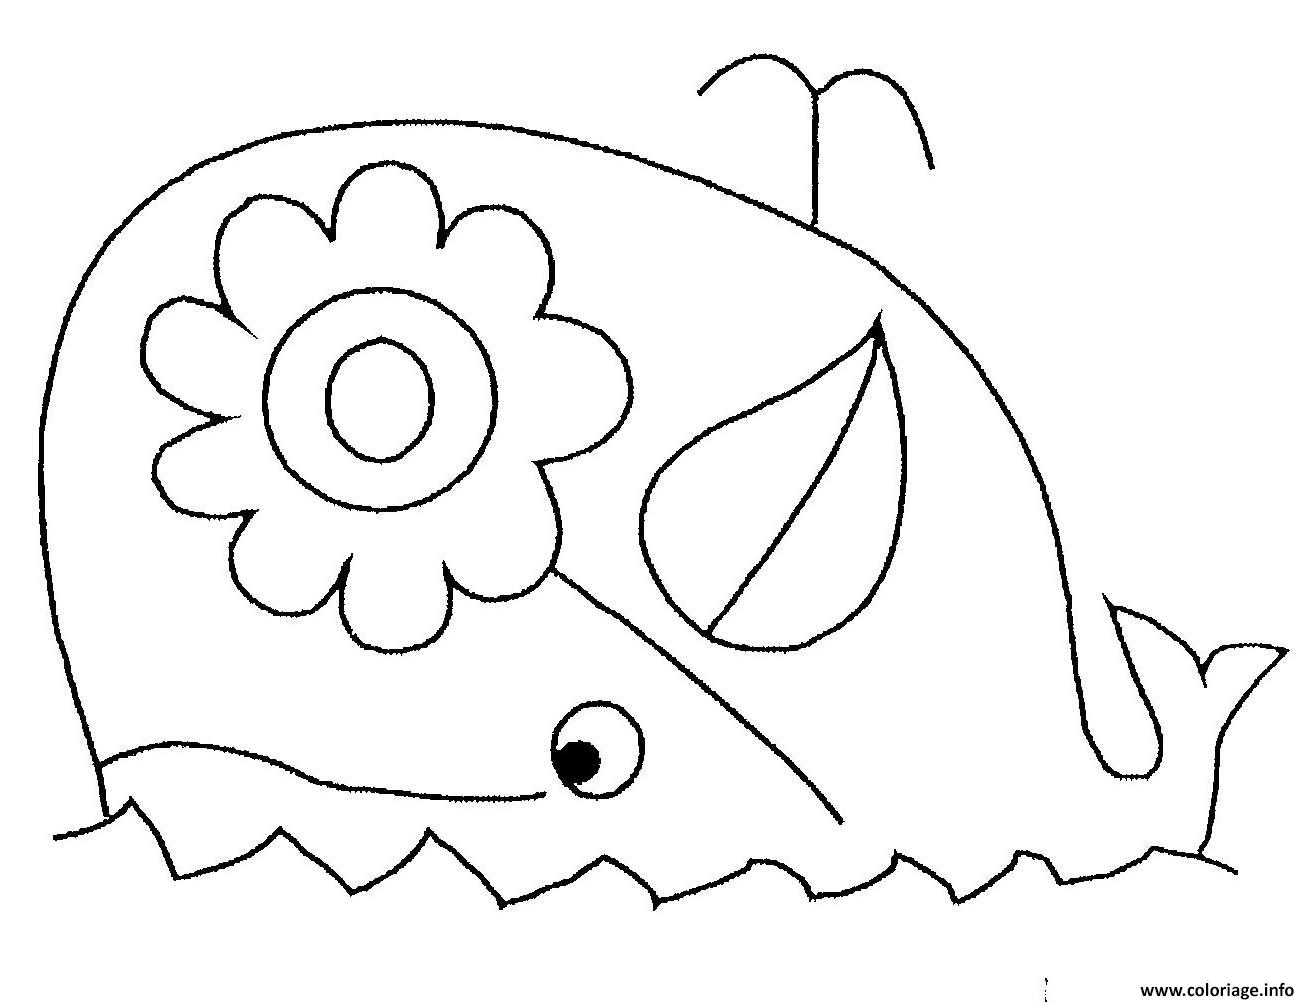 Coloriage Baleine En Ligne.Coloriage Baleine Avec Une Fleur Dessin